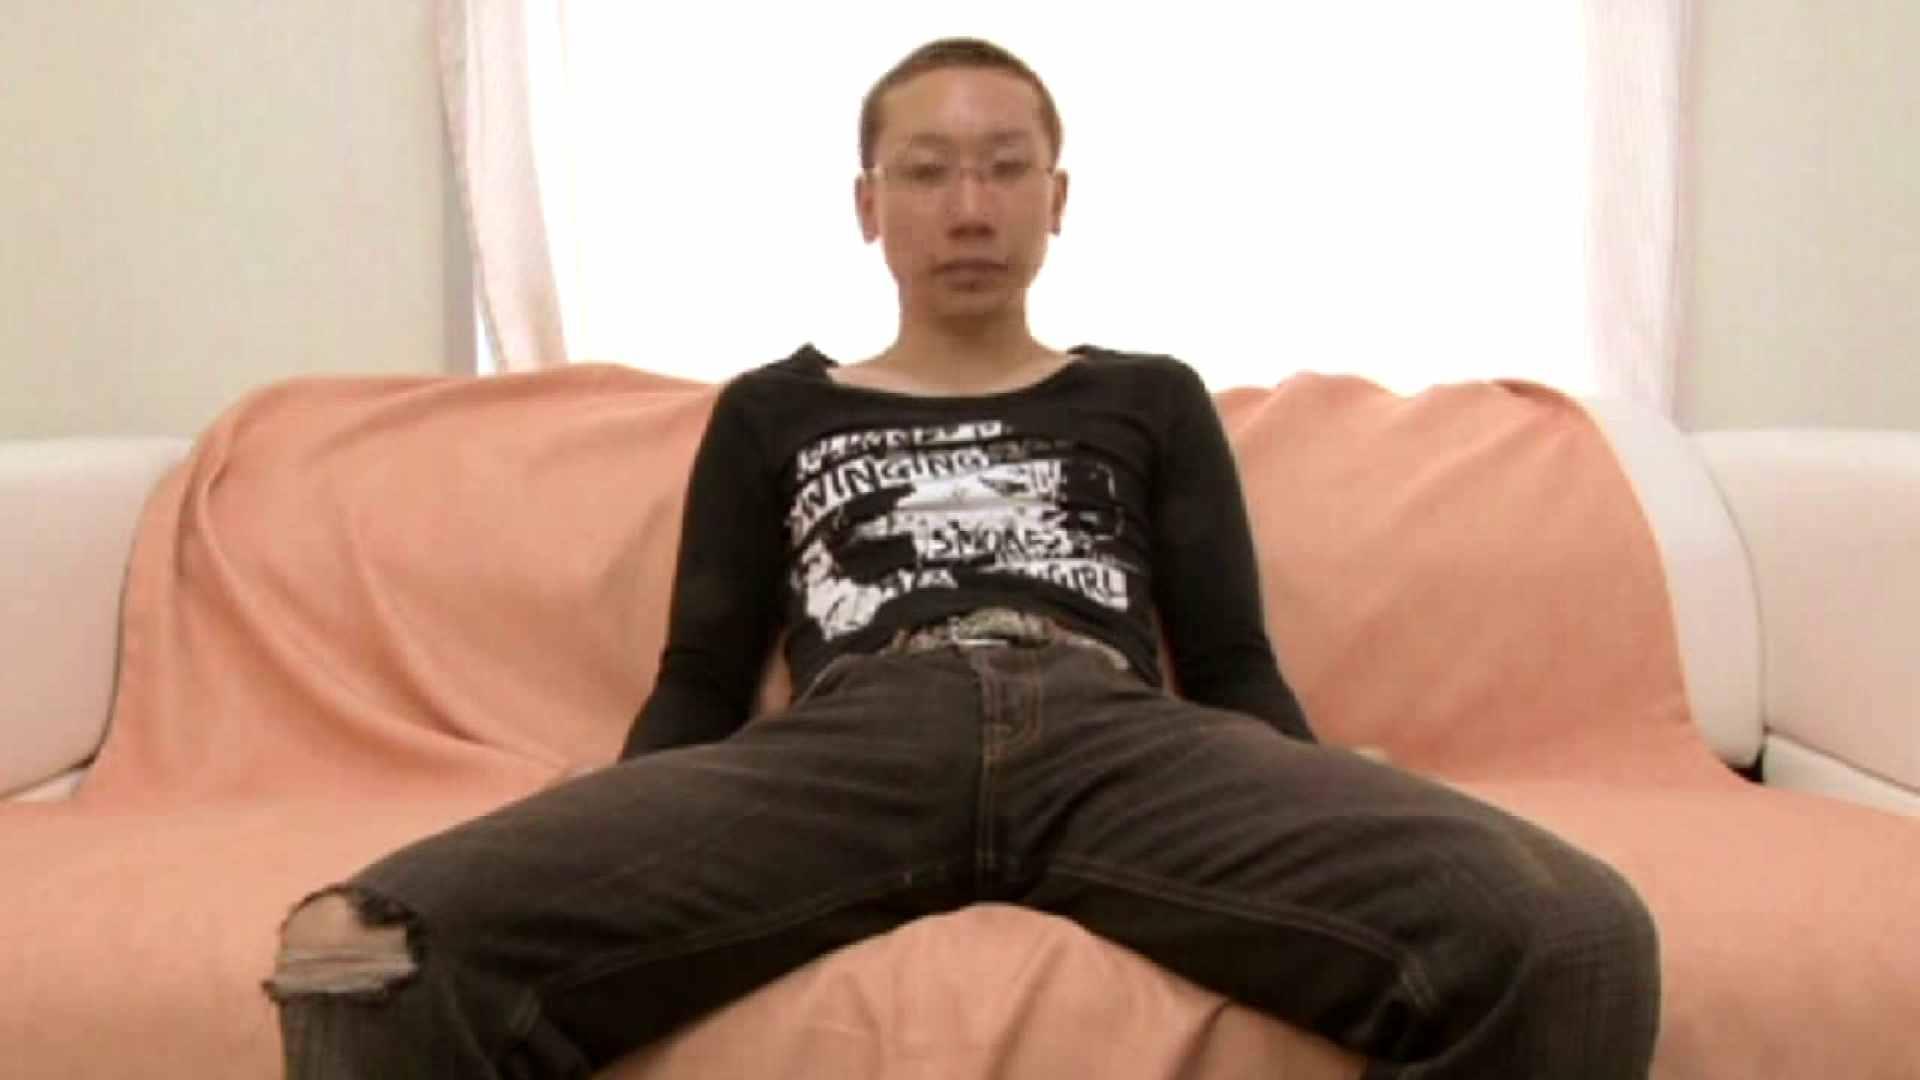 ノンケ!自慰スタジオ No.01 イケメンパラダイス 男同士画像 96pic 31